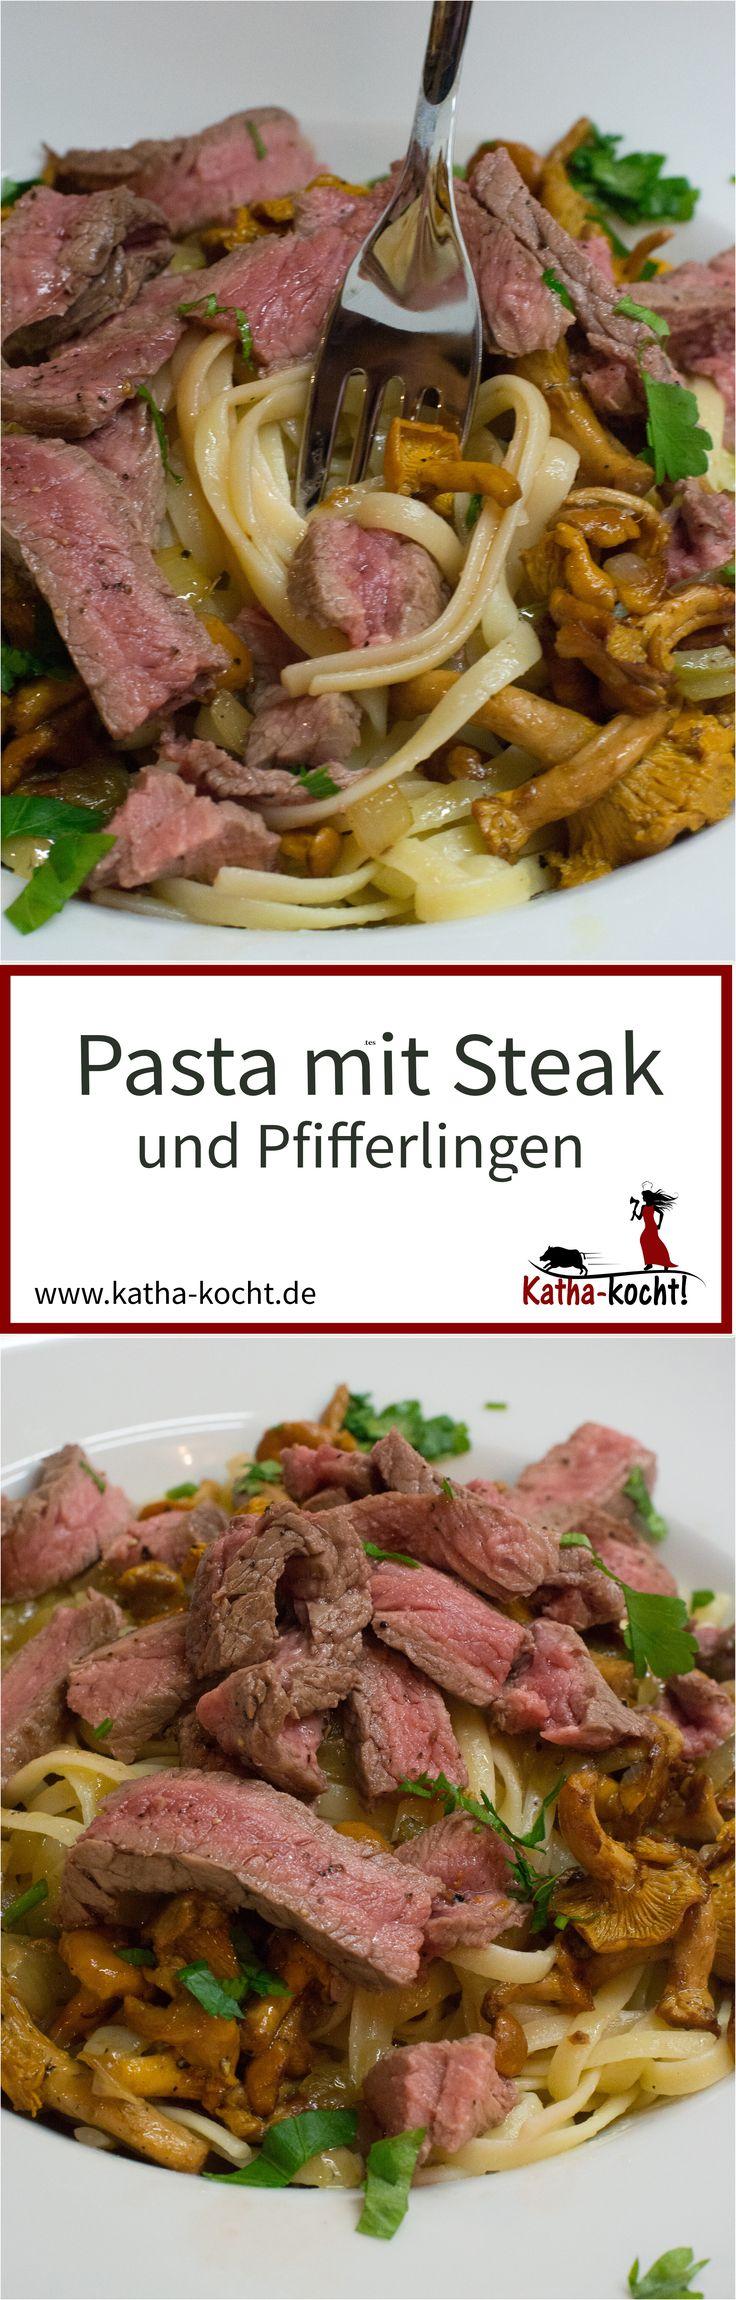 Pasta mit Steak und Pfifferlingen - katha-kocht!